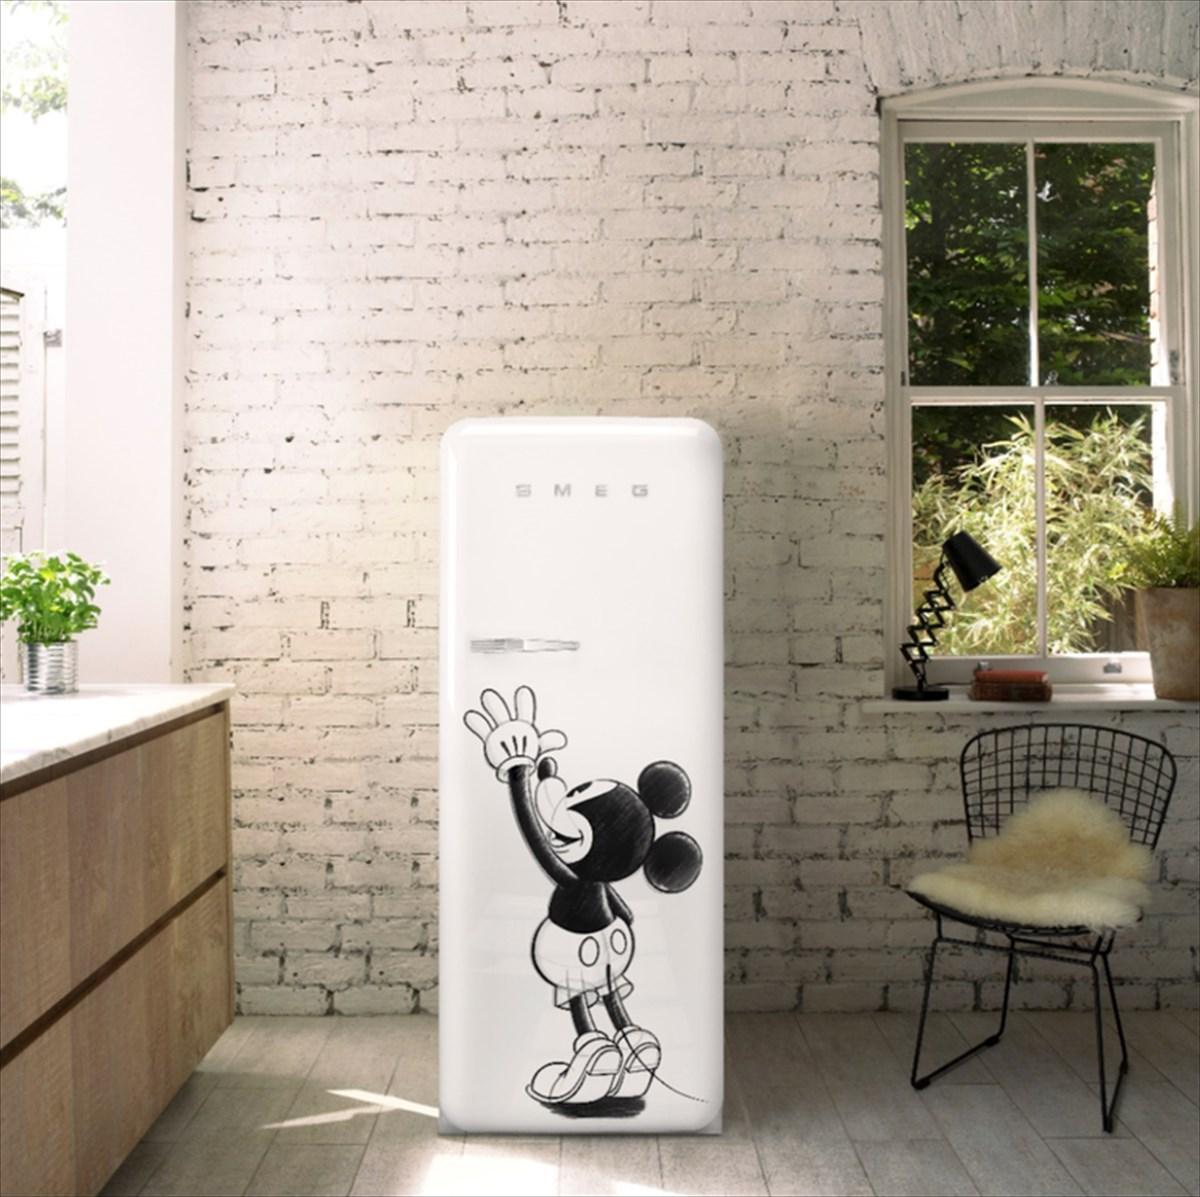 Θέλετε ένα ψυγείο με τα αυτιά του Mickey Mouse;